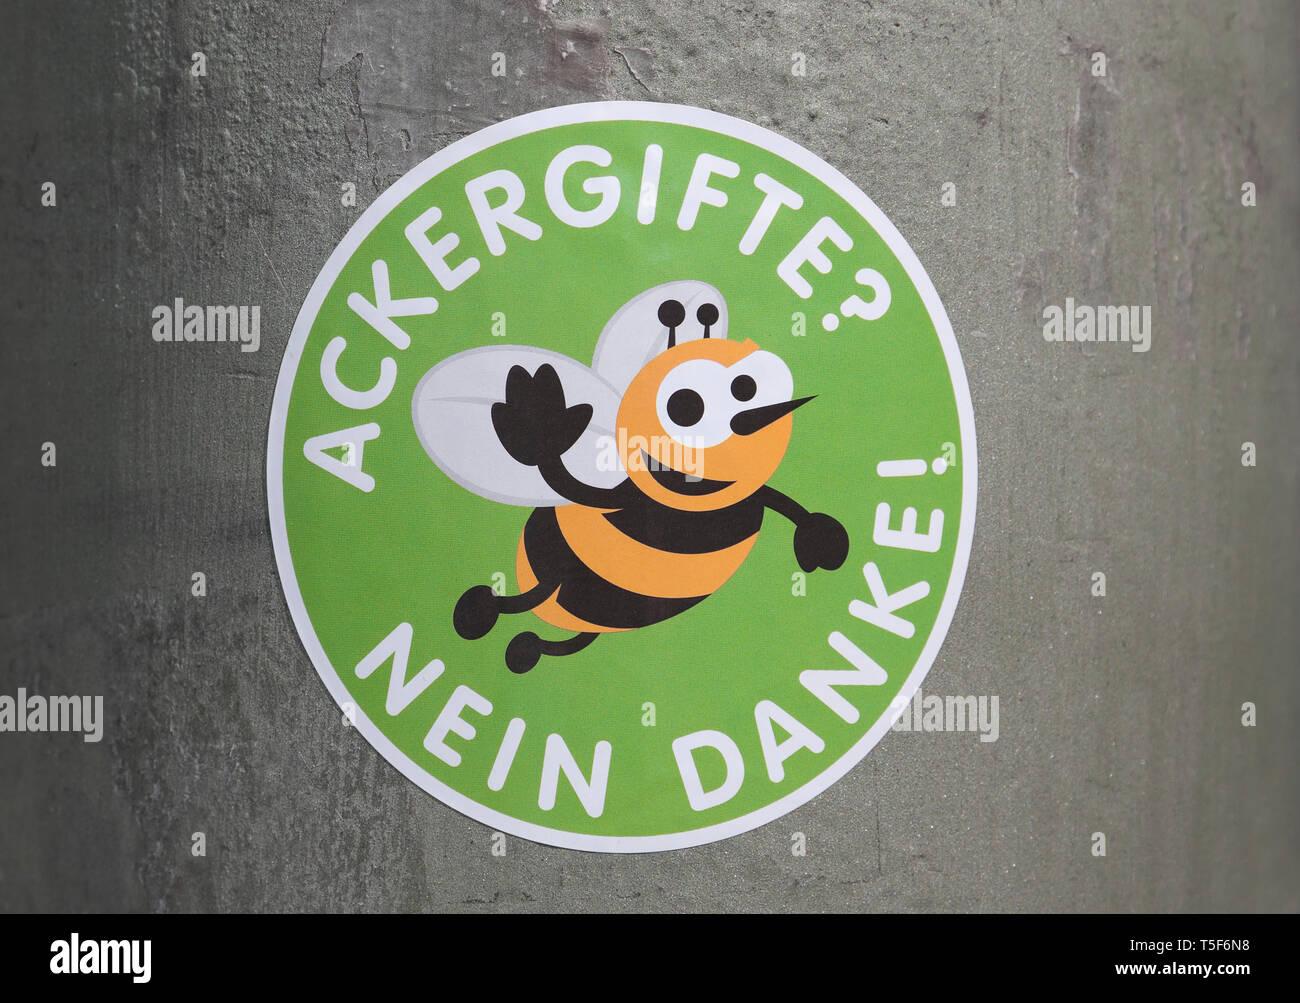 Aufkleber Mit Winkenden Biene Ackergift Nein Danke In